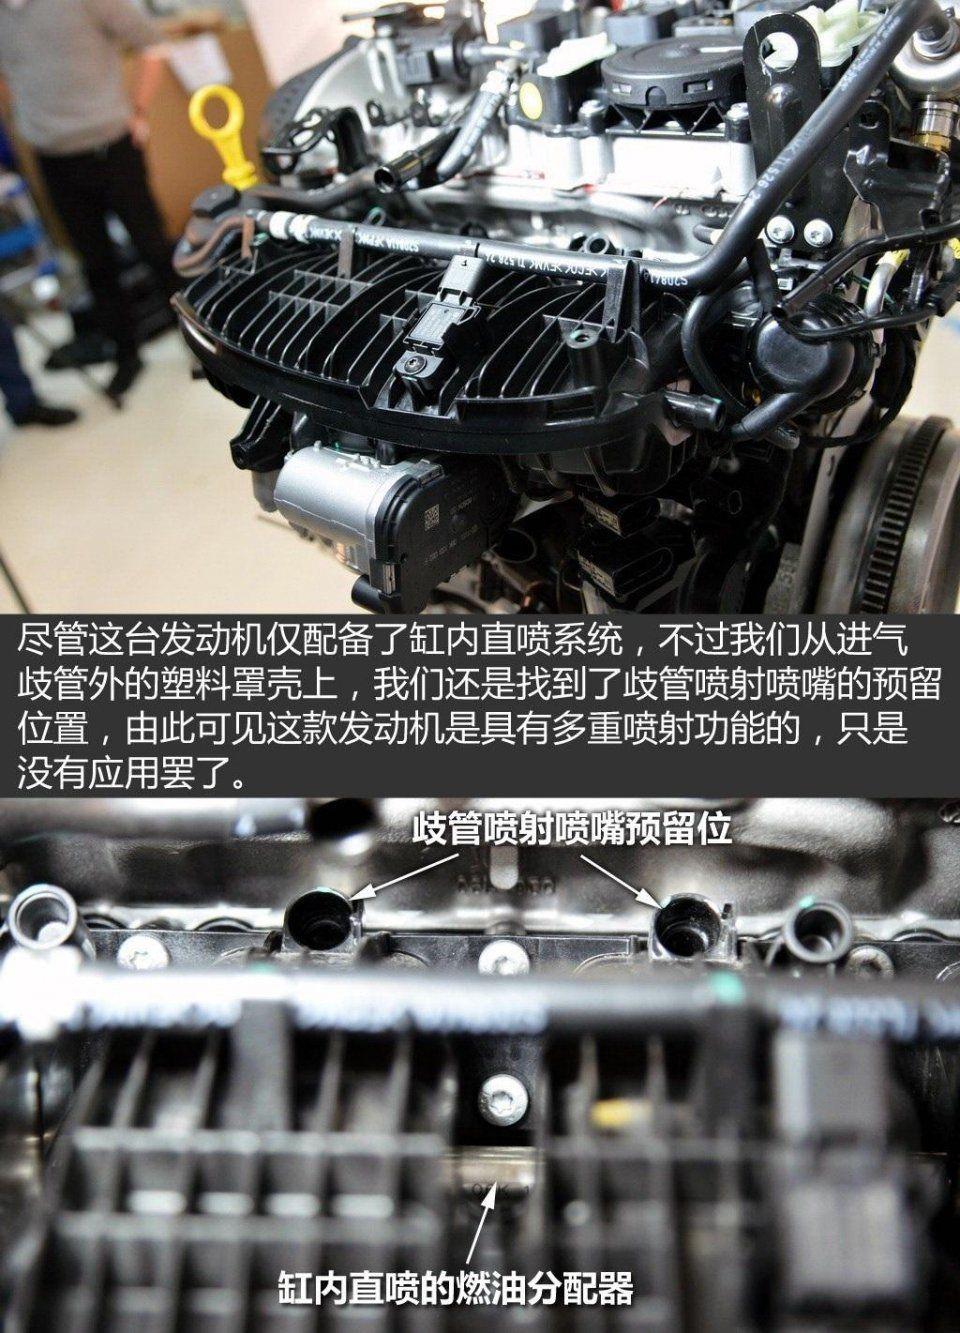 从速派发动机拆机图可以看到,有两套喷油嘴.